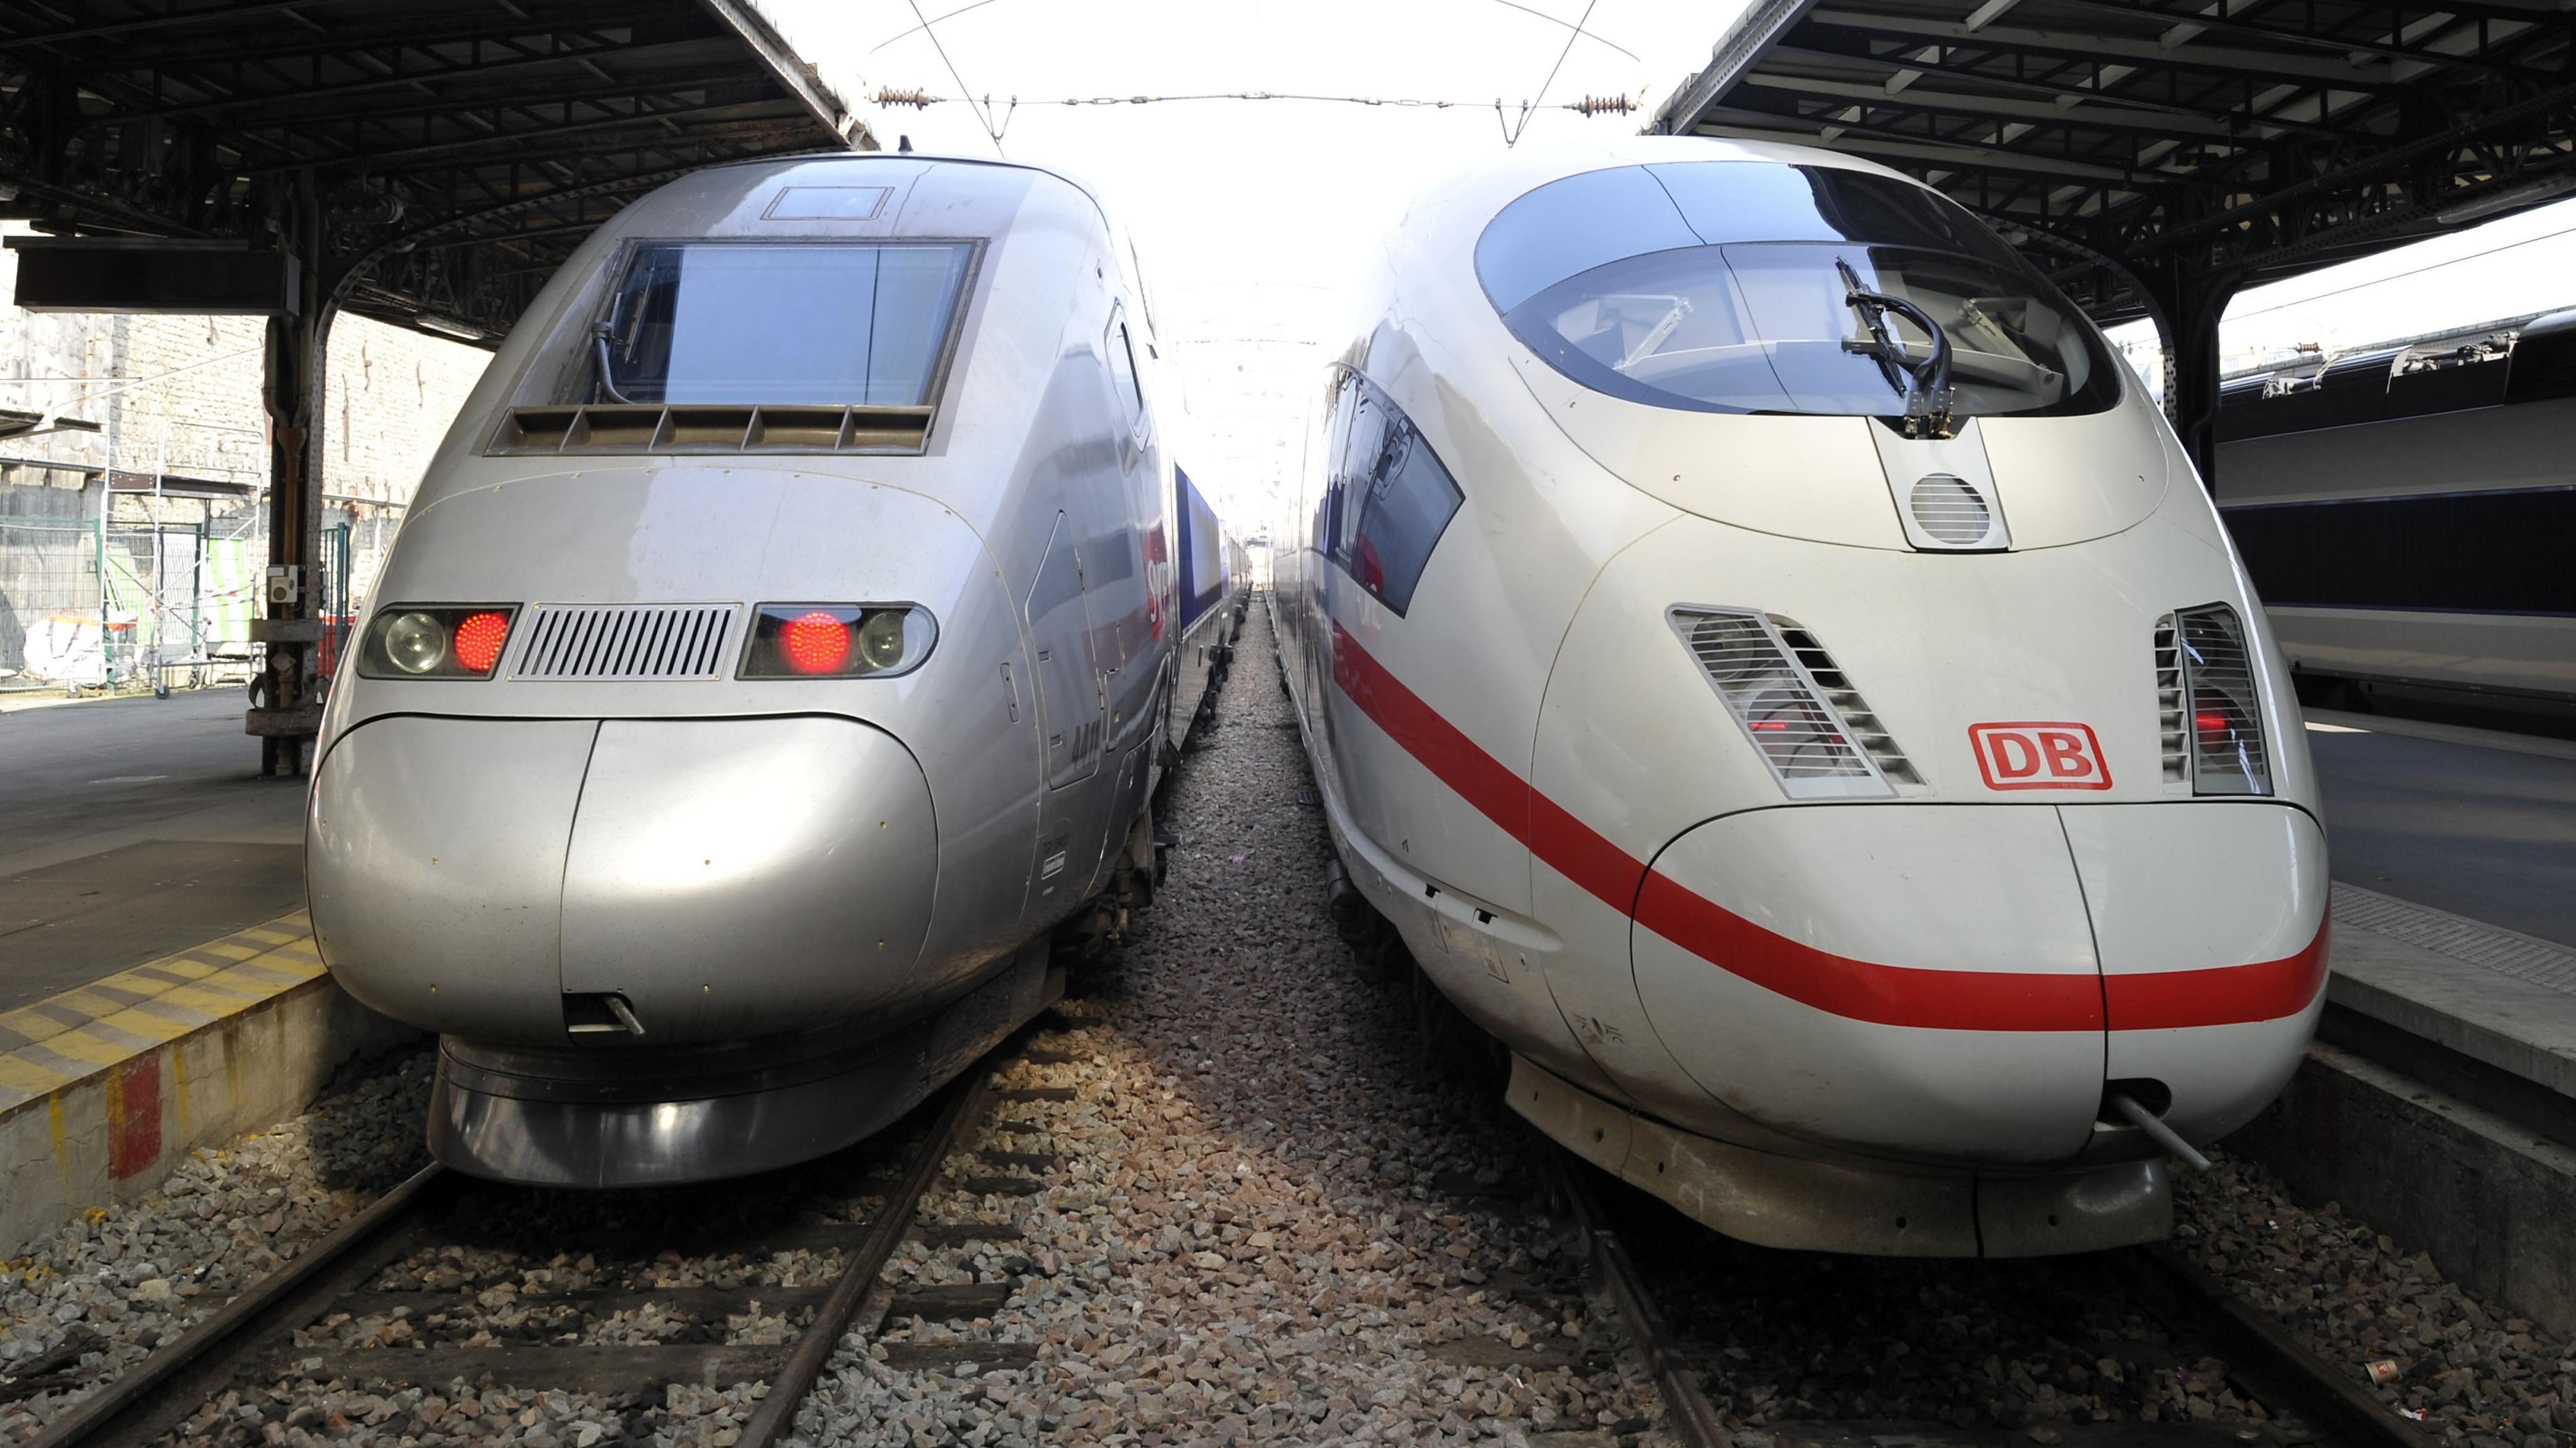 Ein TGV und ein ICE stehen zusammen in einem Bahnhof